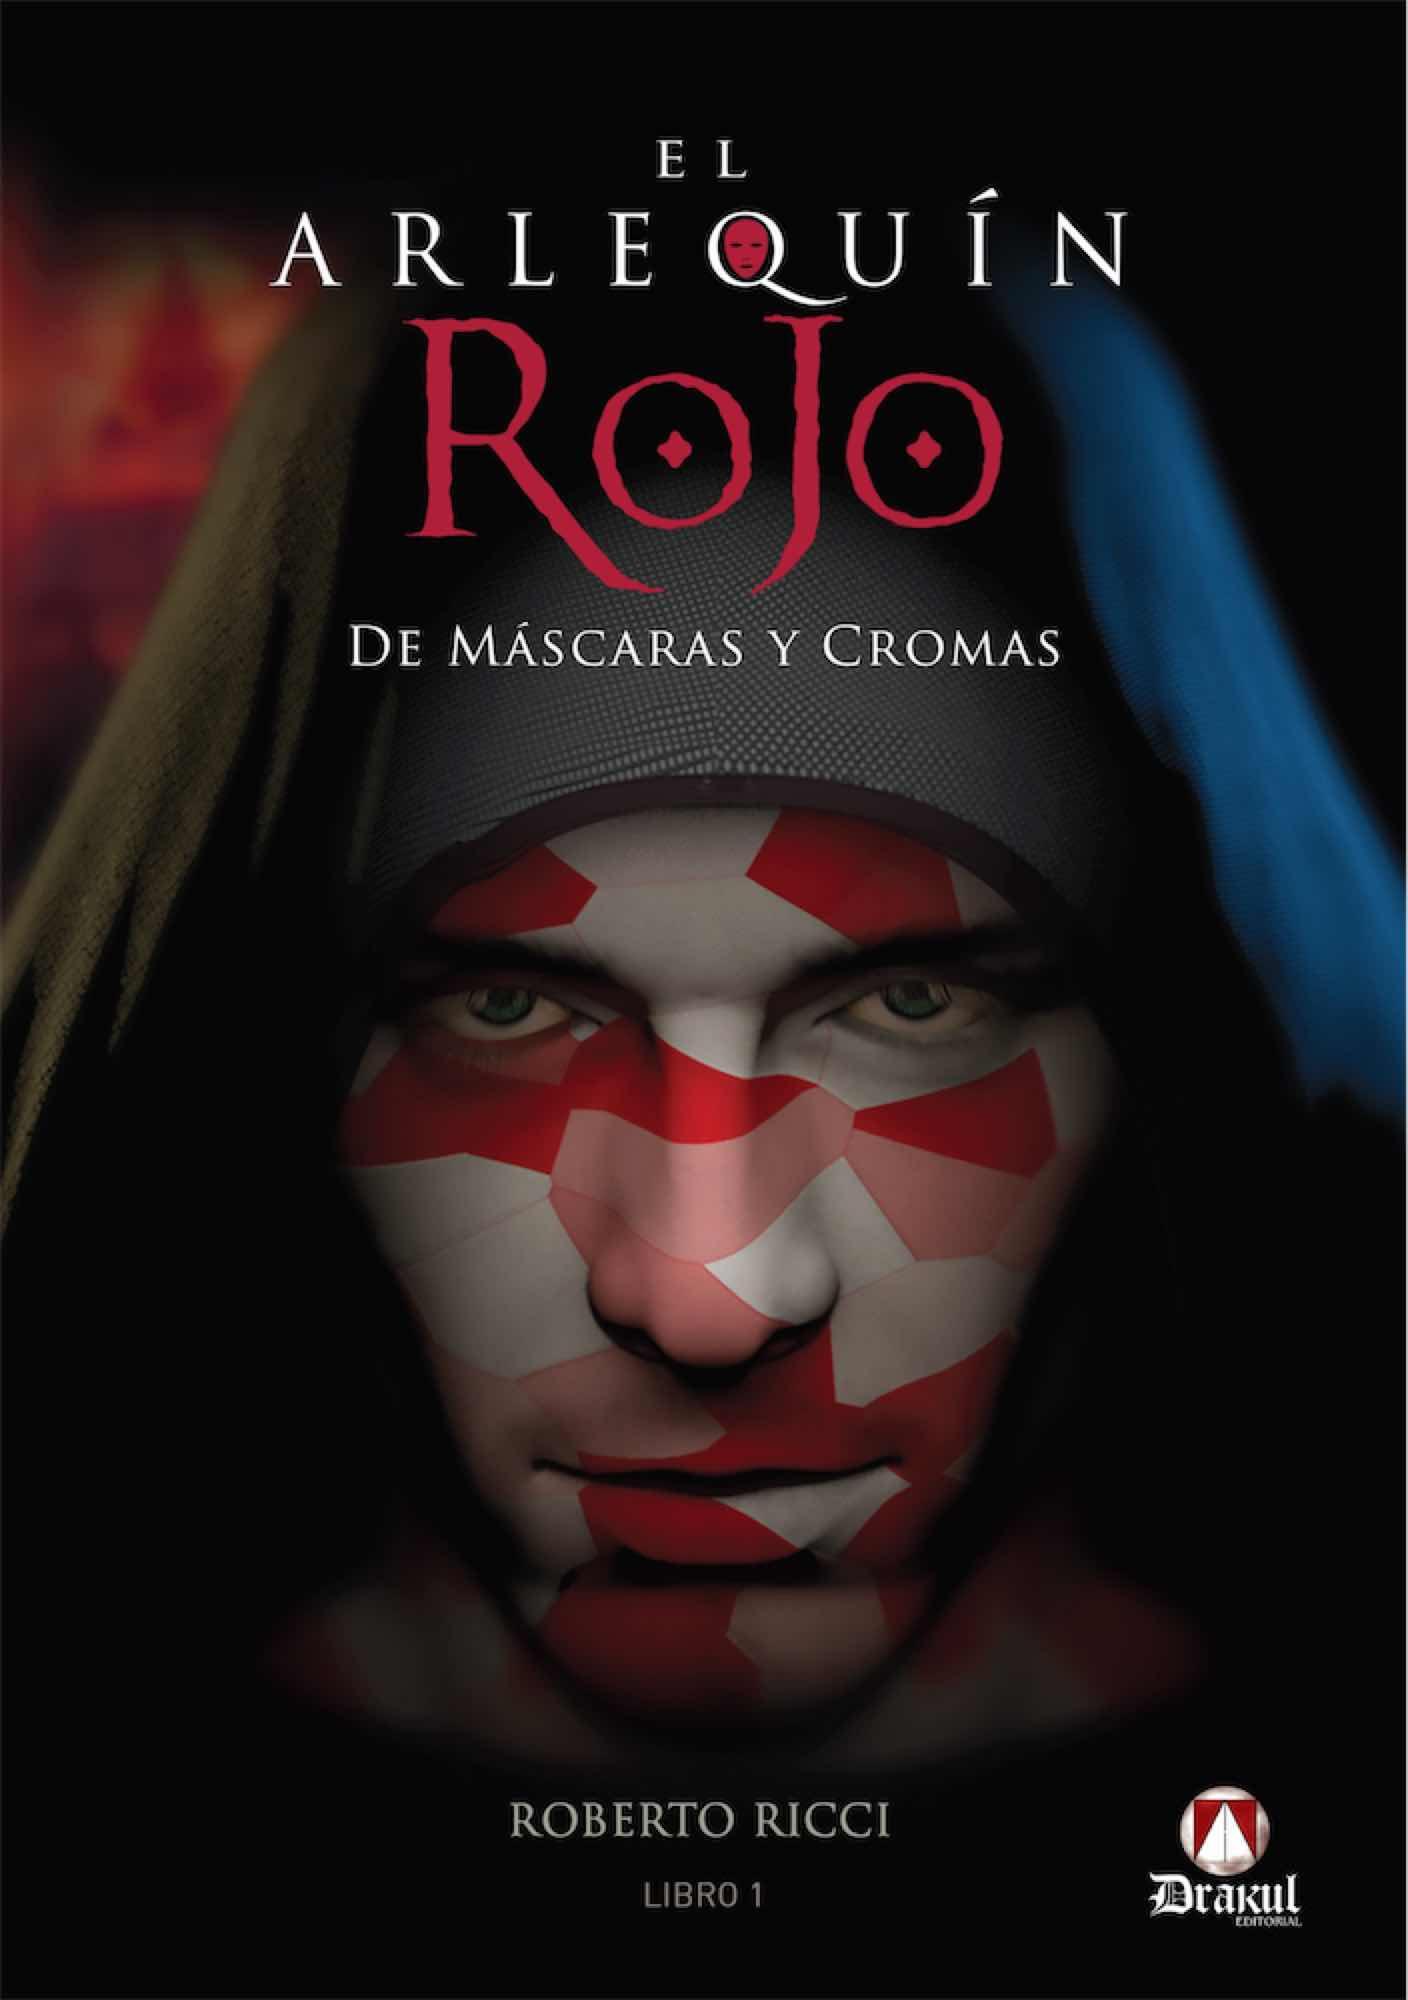 EL ARLEQUIN ROJO. DE MASCARAS Y CROMAS